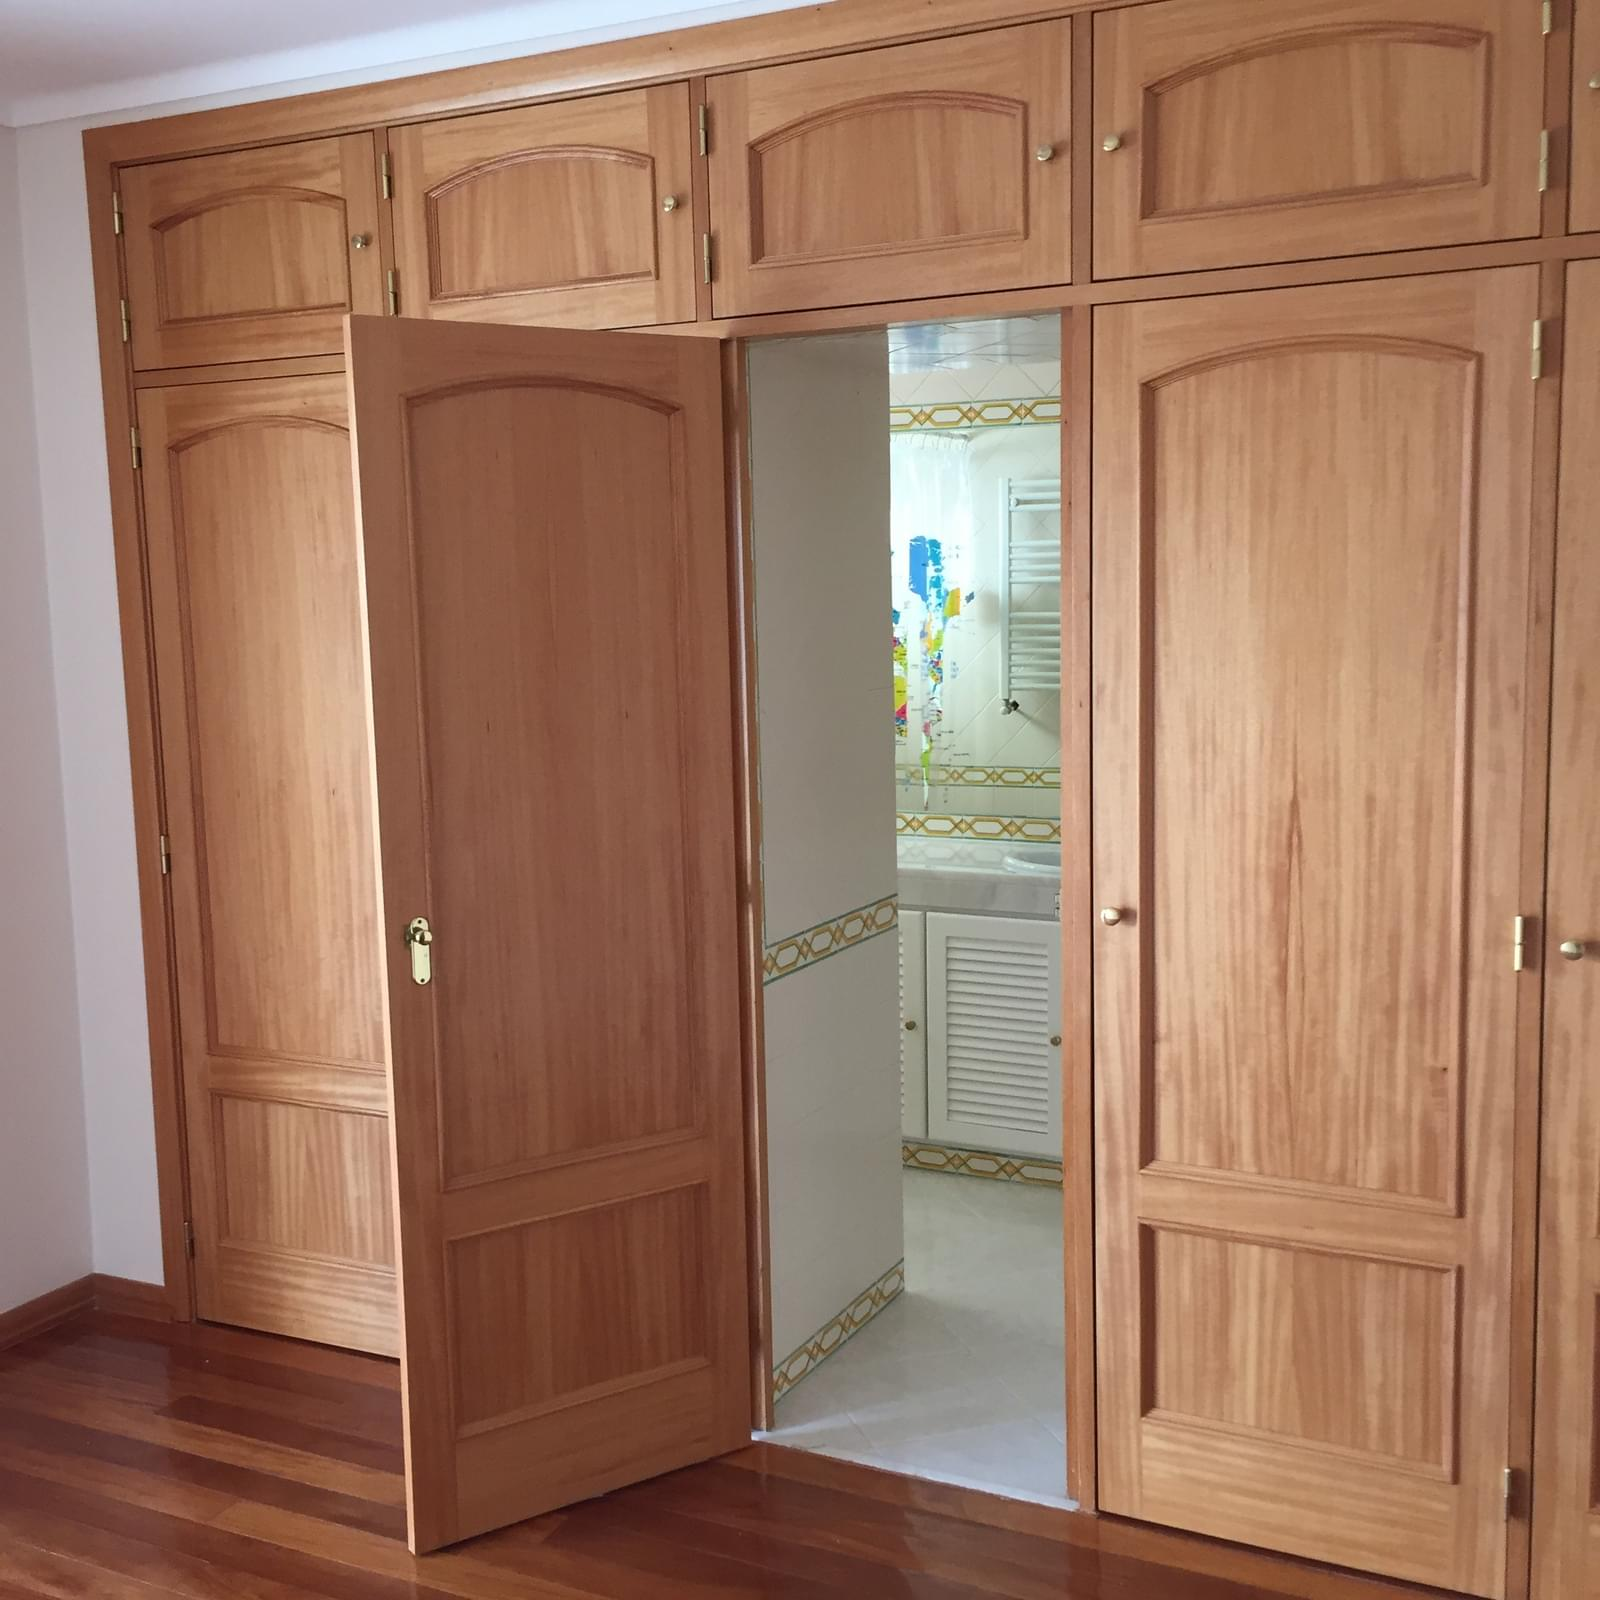 pf18450-apartamento-t3-cascais-94fbcde4-0fcf-4a7e-85a1-5795cdb02604